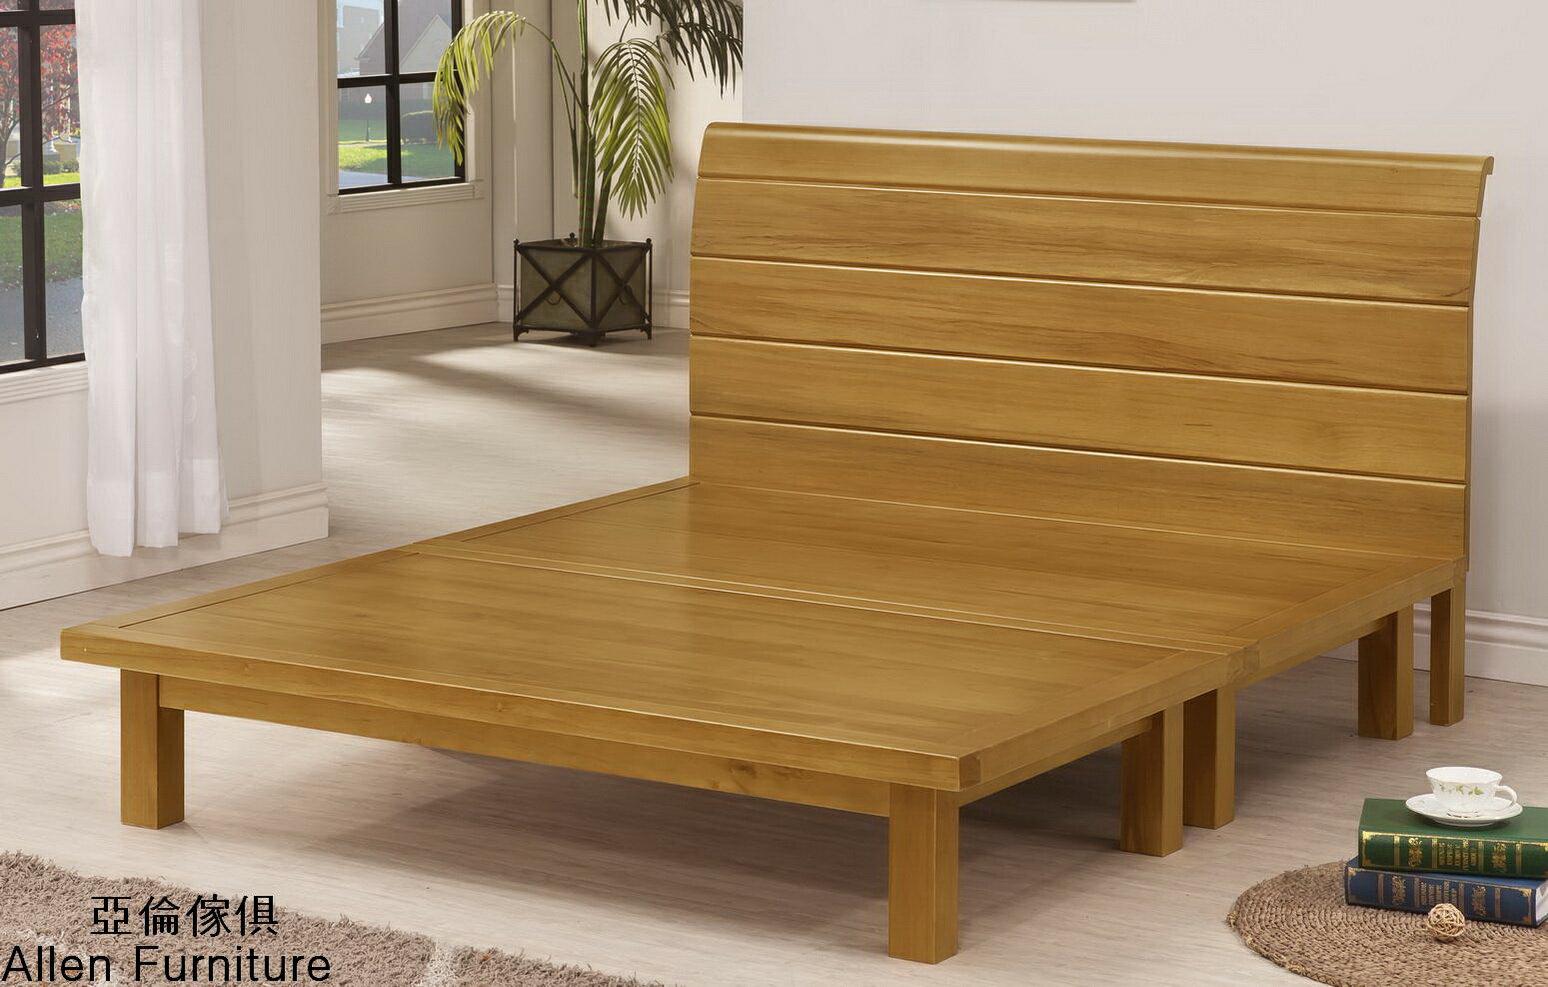 亞倫傢俱*貝利亞紐松全實木5尺雙人床架 0